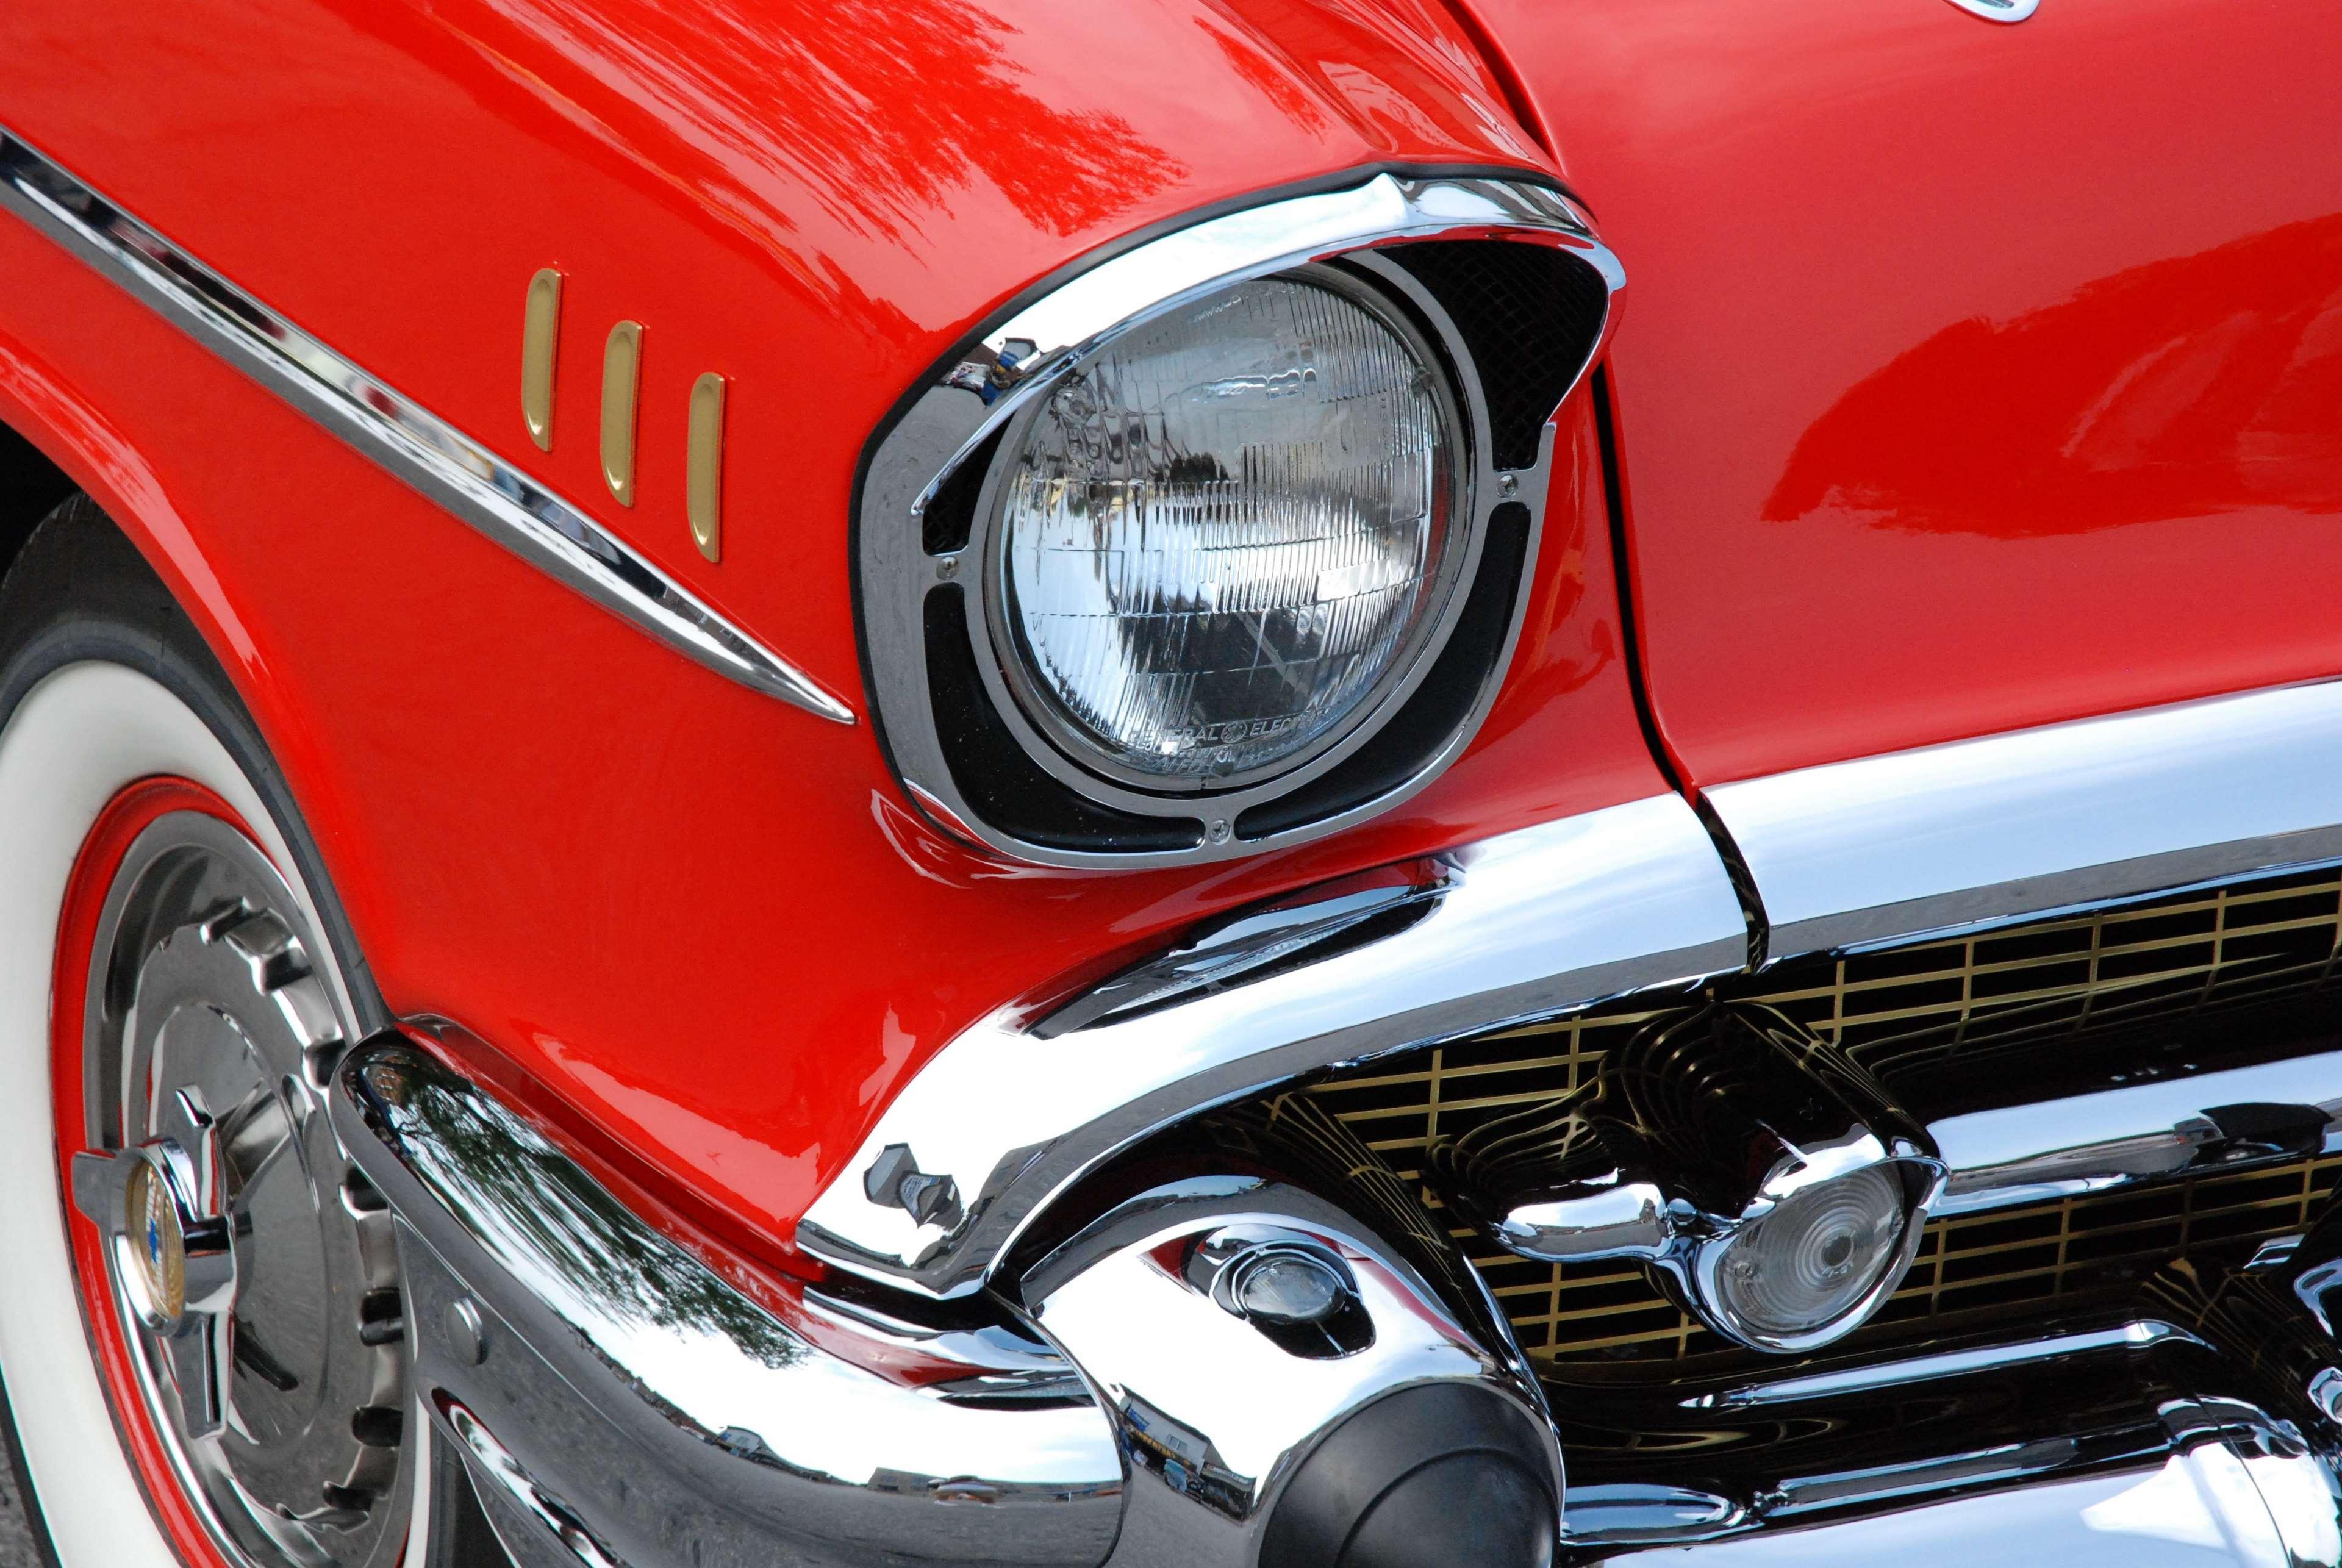 3035277-automobile_automotive_car_chevrolet_chrome_classic-car_red_vintage